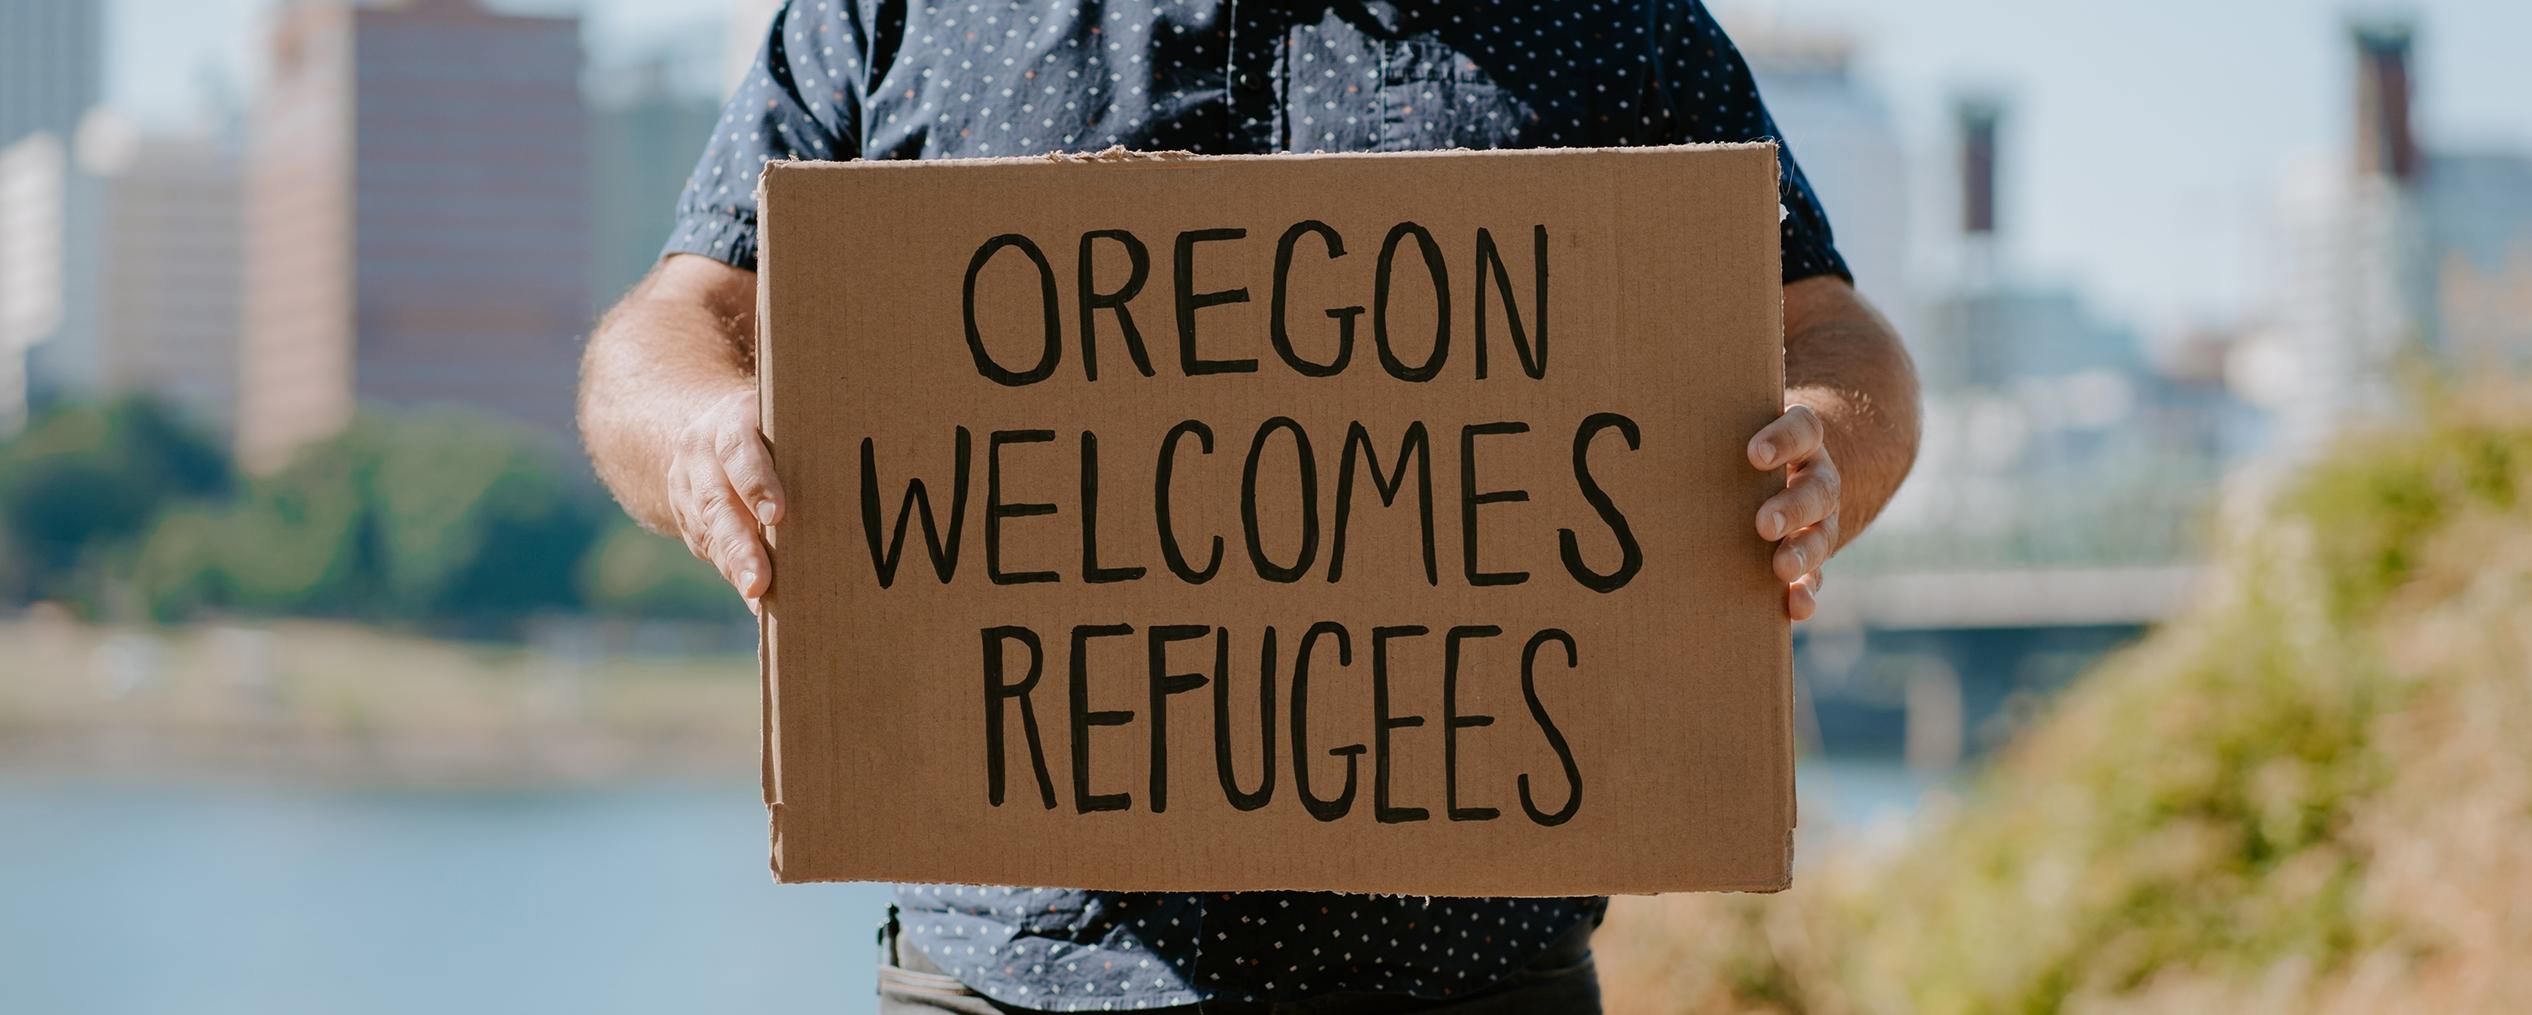 Oregon welcomes refugees